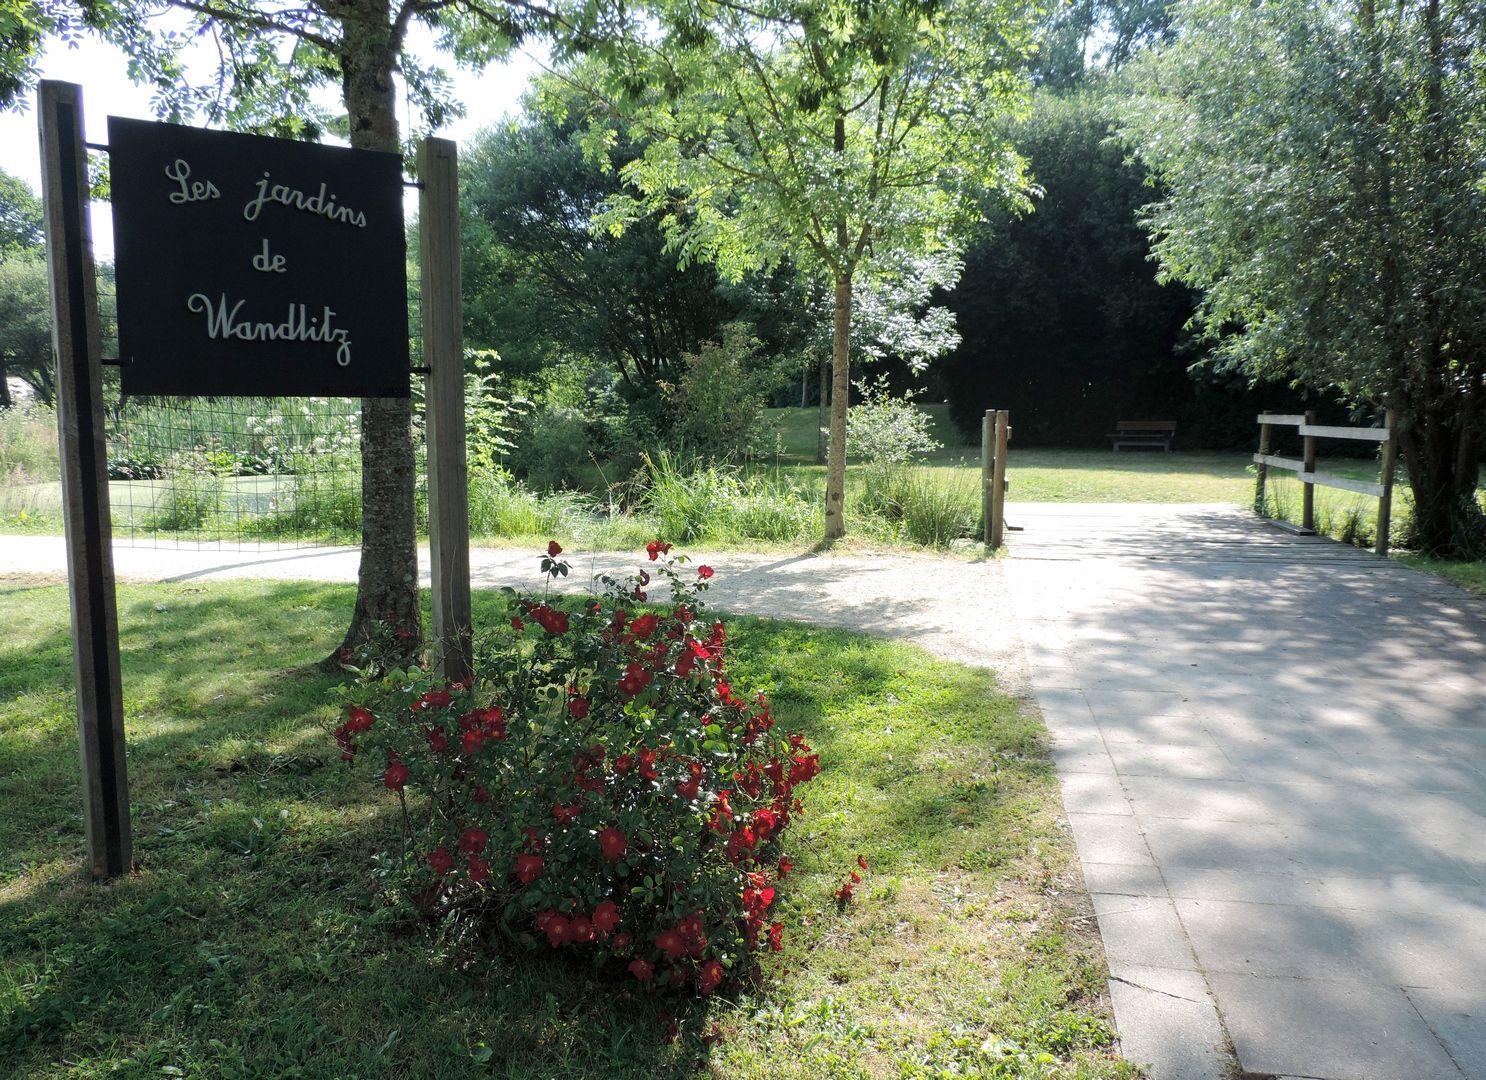 Jardins de Wandlitz